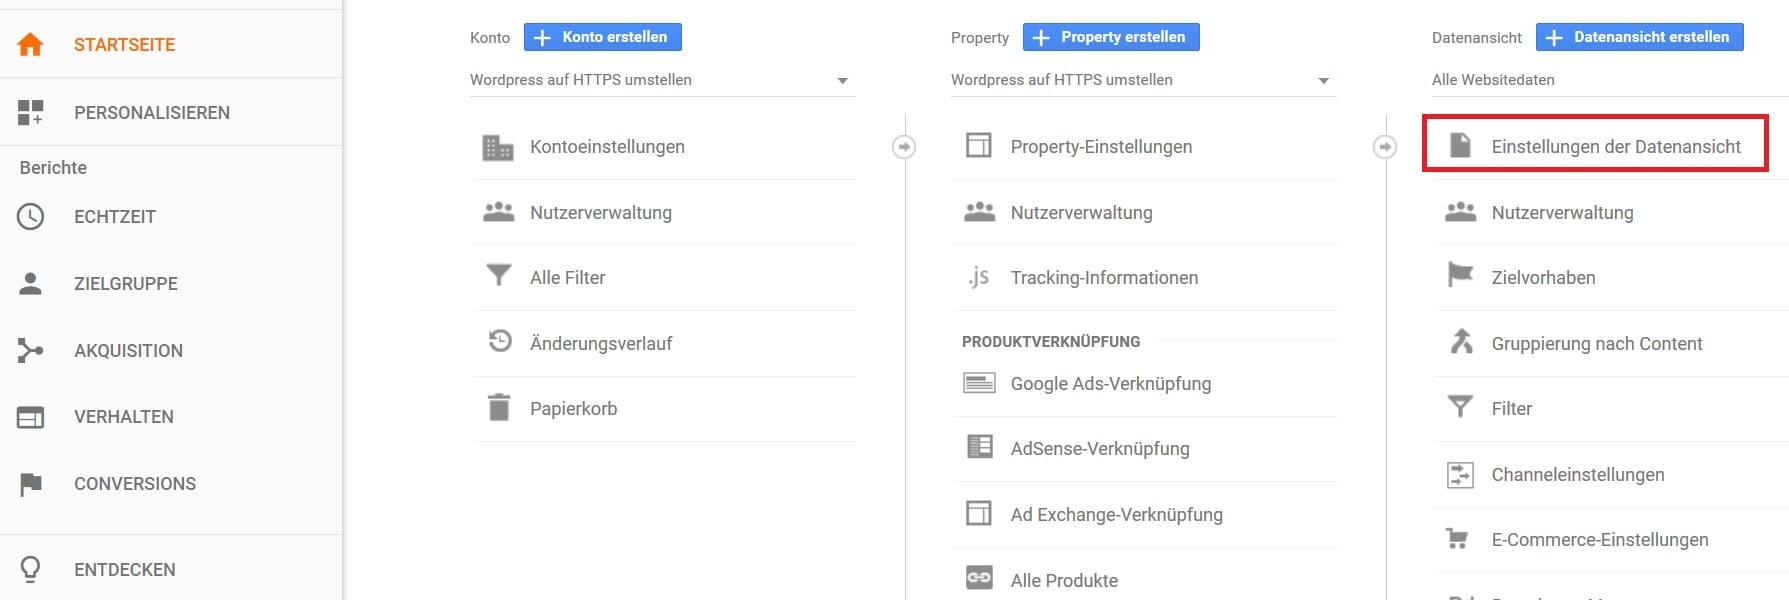 Wordpress auf HTTPS umstellen - Google Analytics anpassen Schritt 3